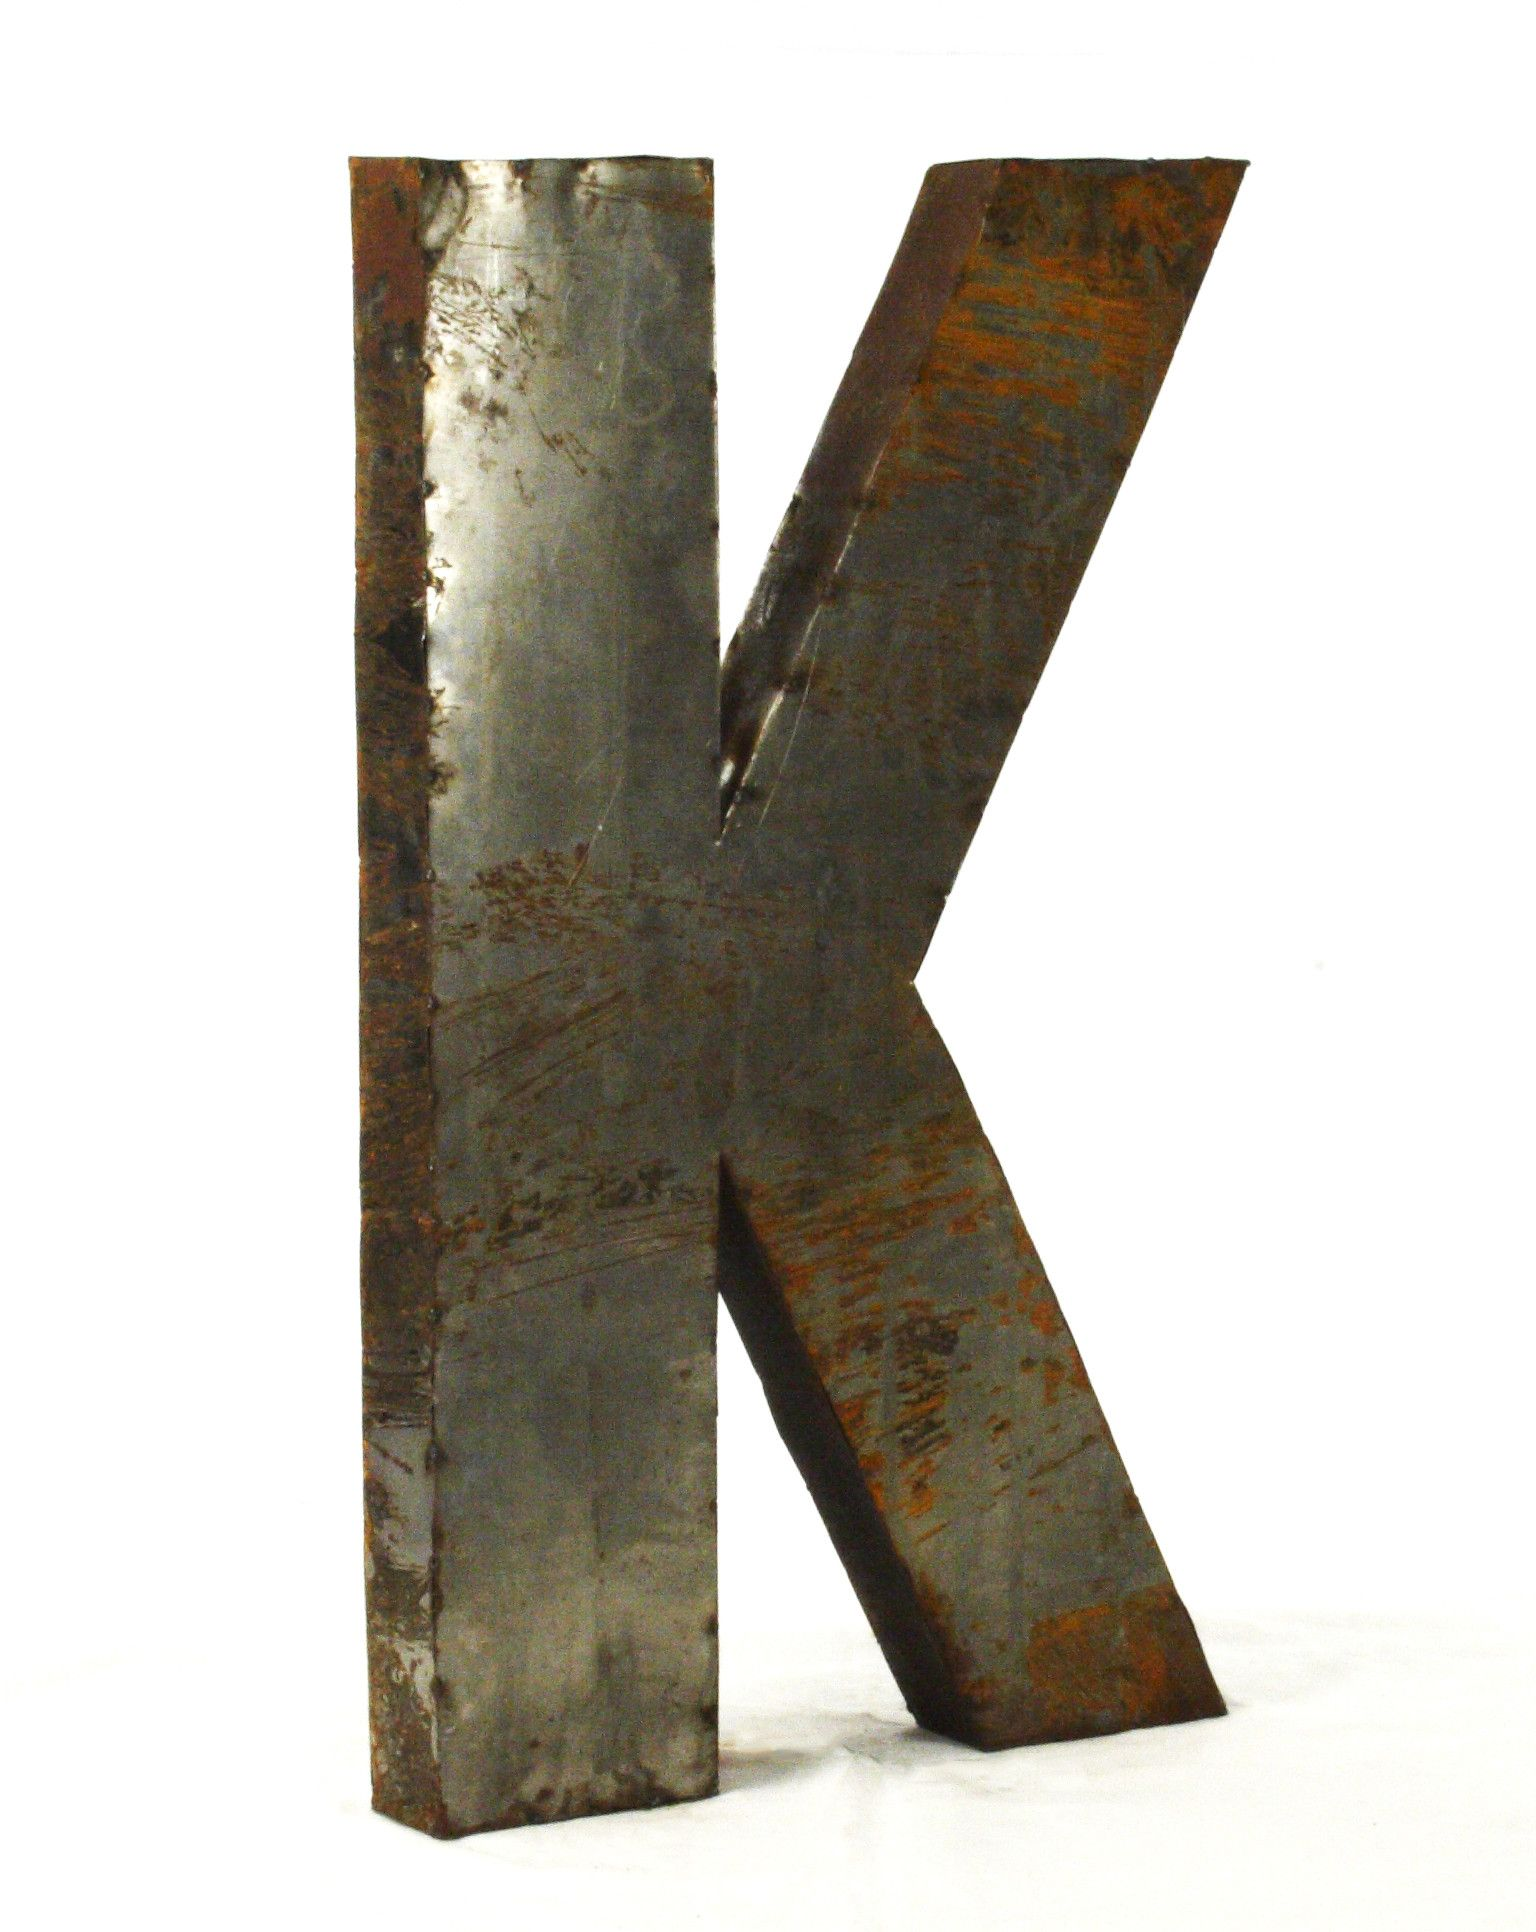 Metal Block Letters For Wall Zentique Letter Block Décor & Reviews  Wayfair  Carol